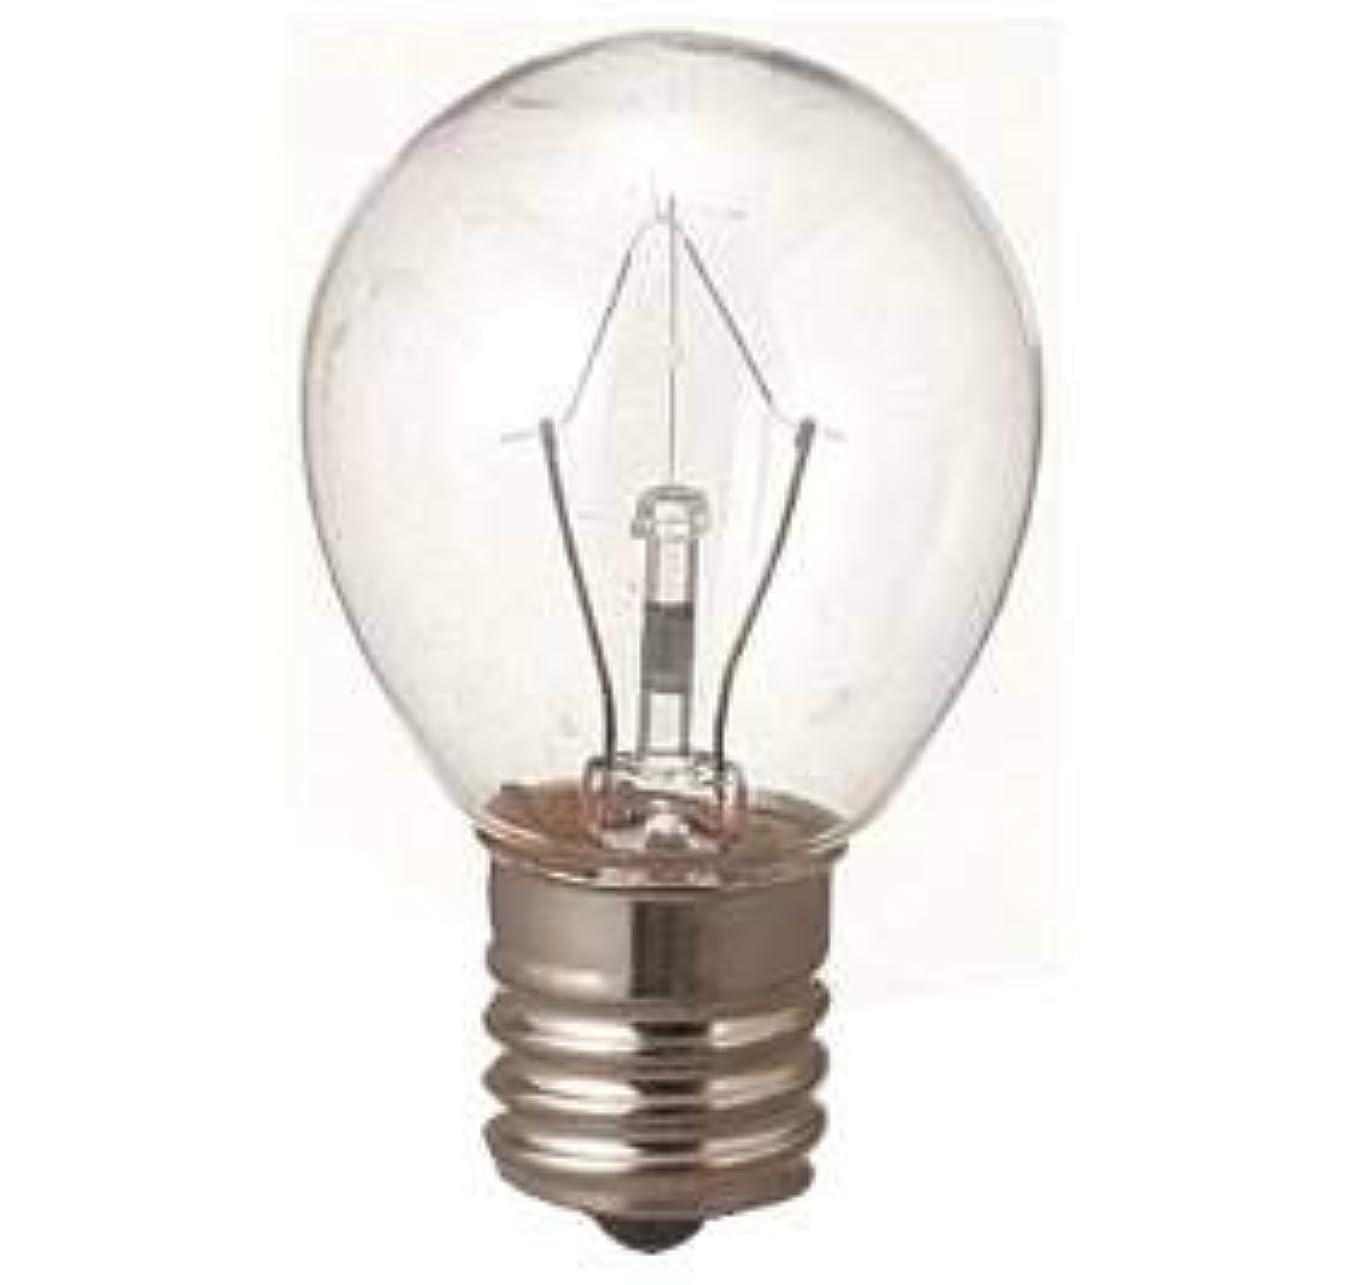 ブランドスリットきらめき生活の木 アロマランプM用 電球15W(サイズ:φ23×H50mm)